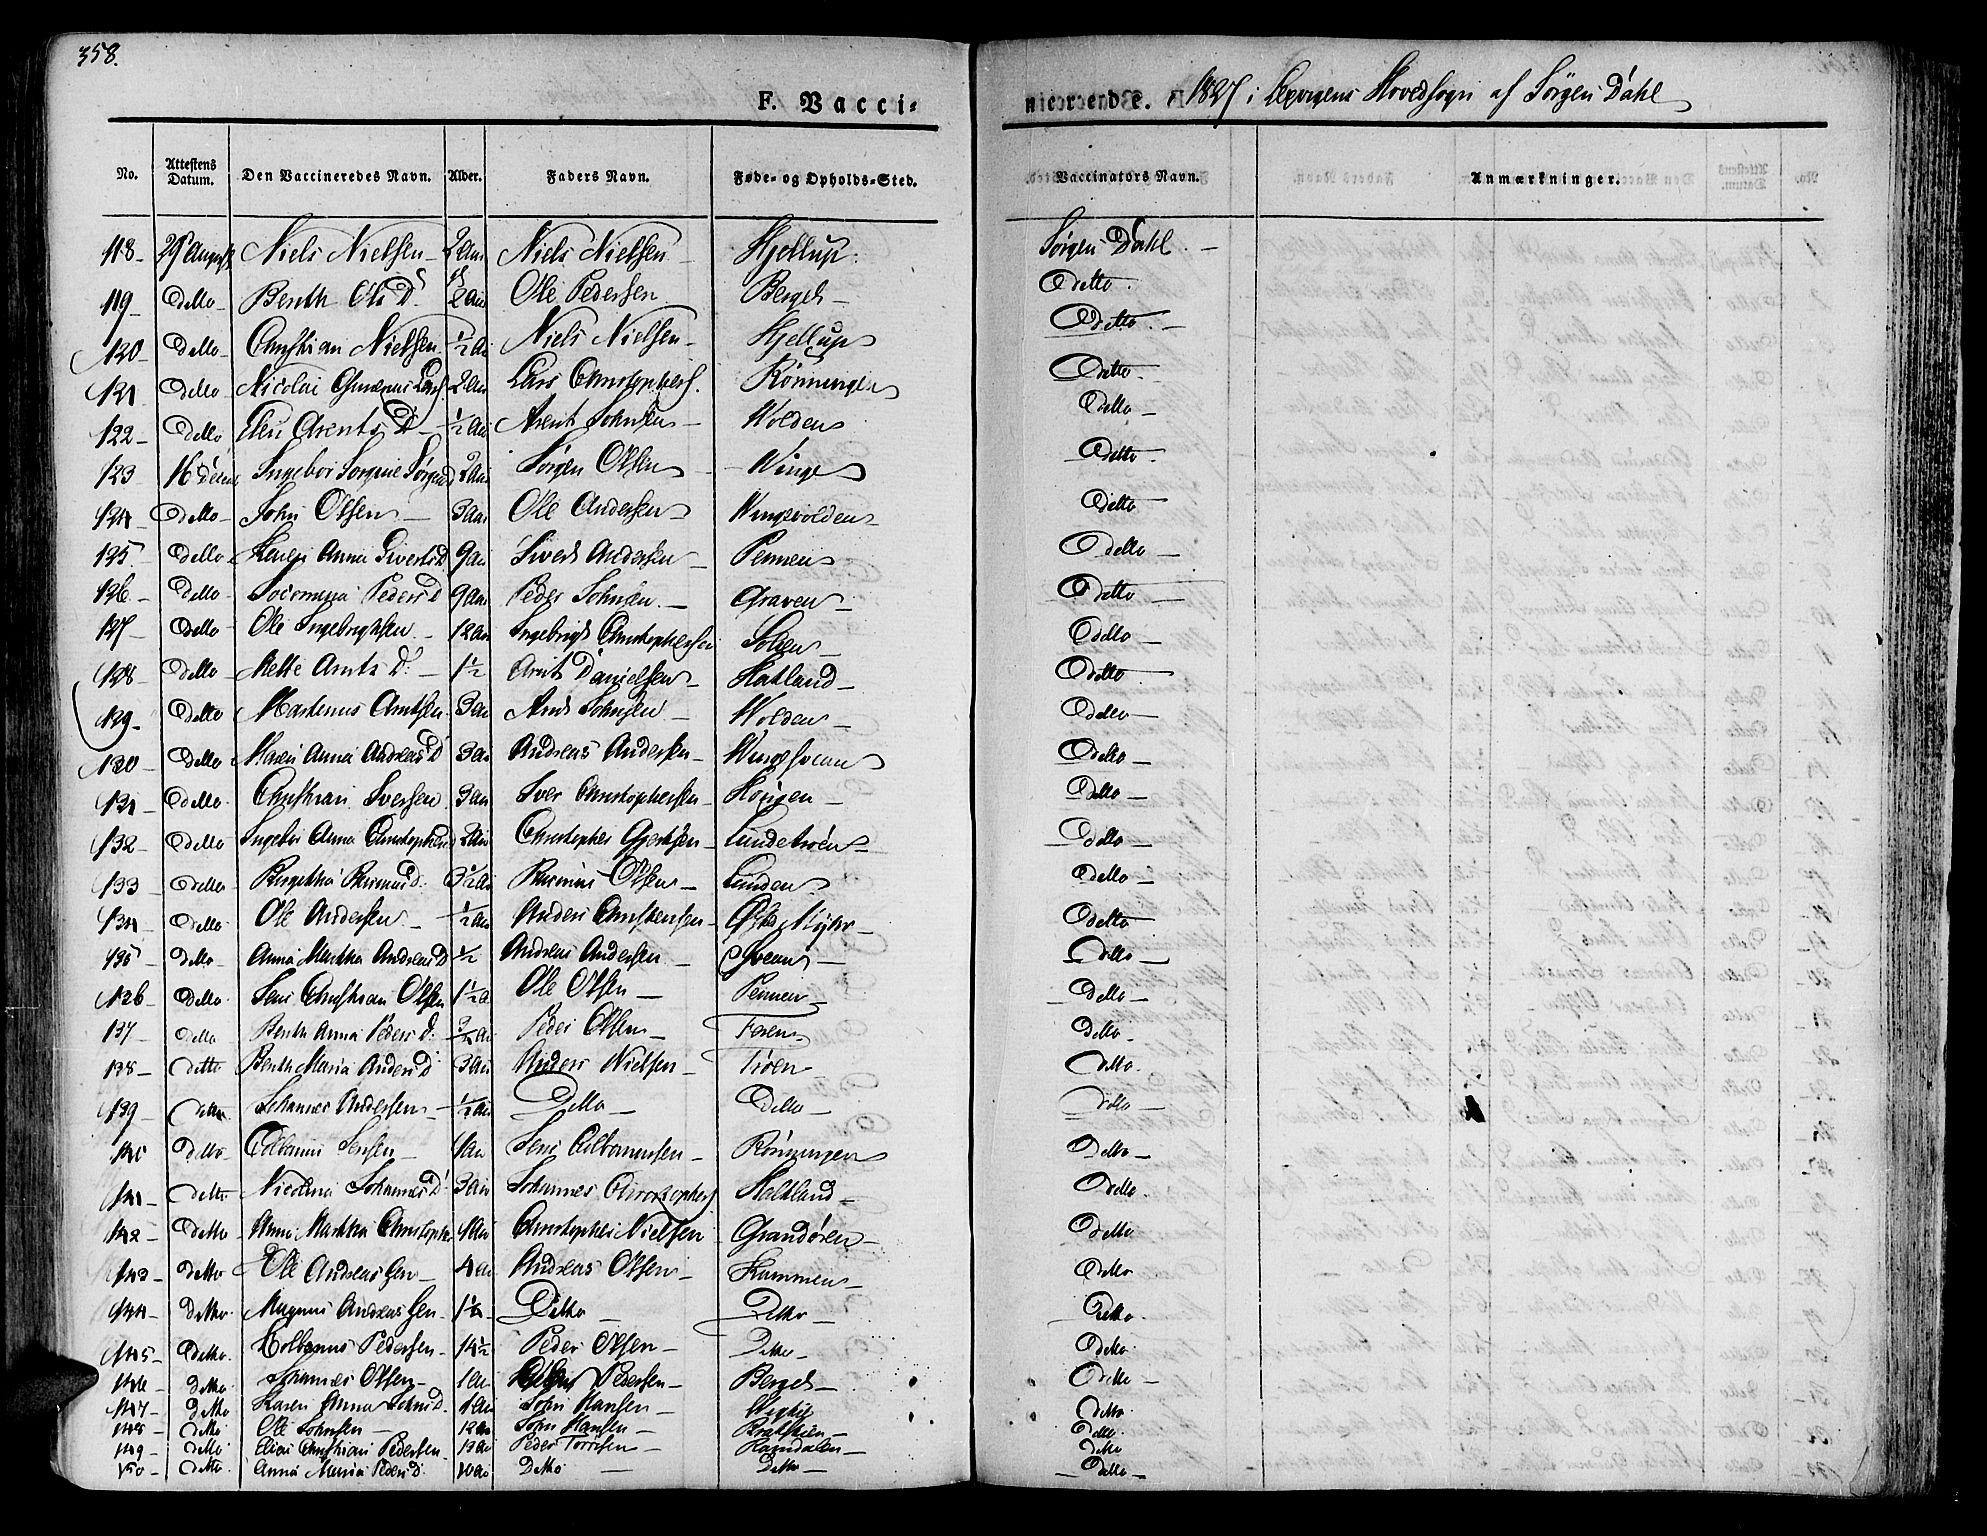 SAT, Ministerialprotokoller, klokkerbøker og fødselsregistre - Nord-Trøndelag, 701/L0006: Ministerialbok nr. 701A06, 1825-1841, s. 358